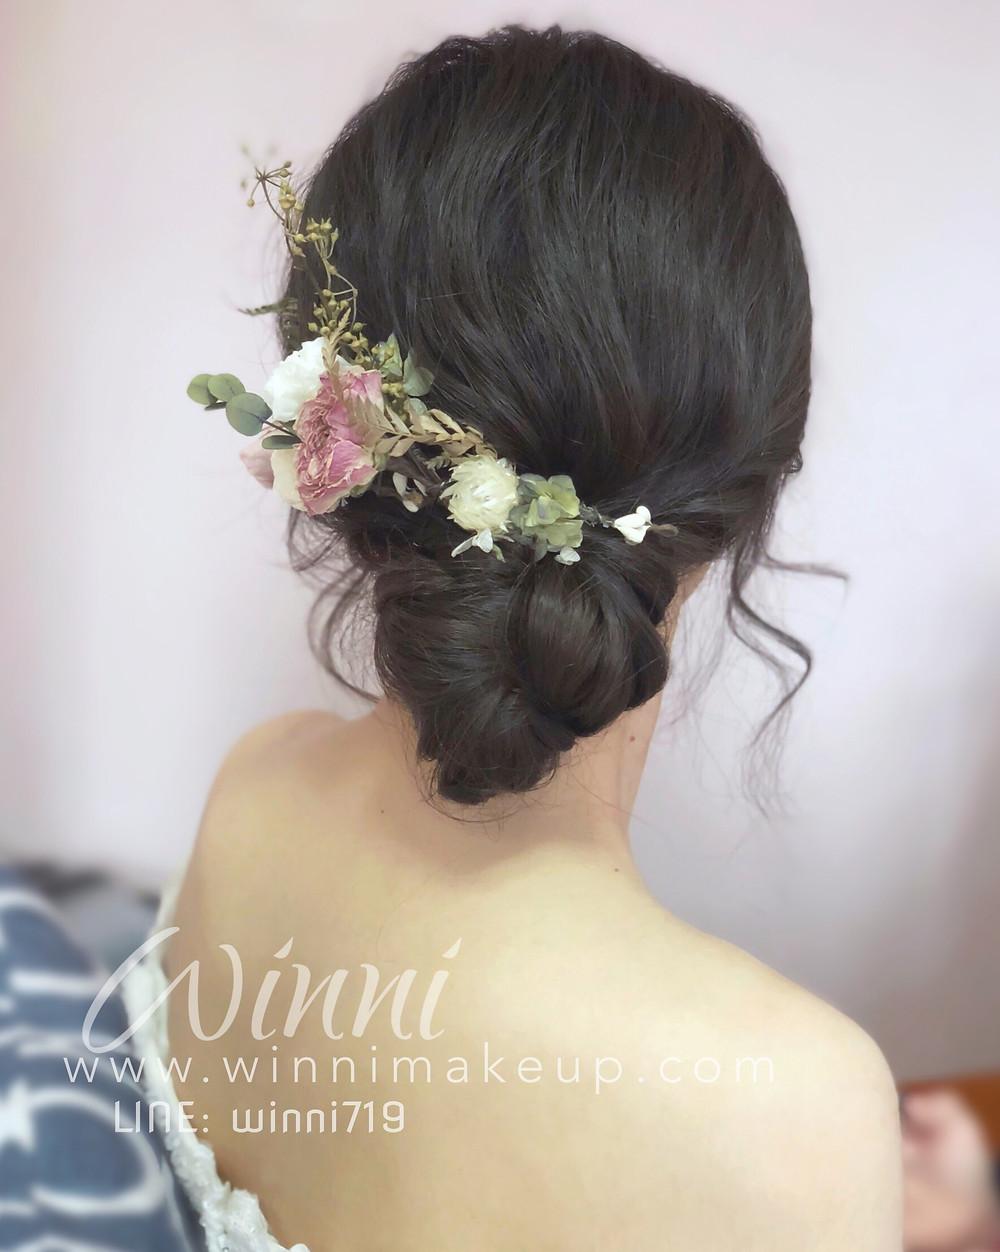 #白紗造型#新娘造型 #低盤髮造型 #新娘妝 #編髮 #永生花髮飾